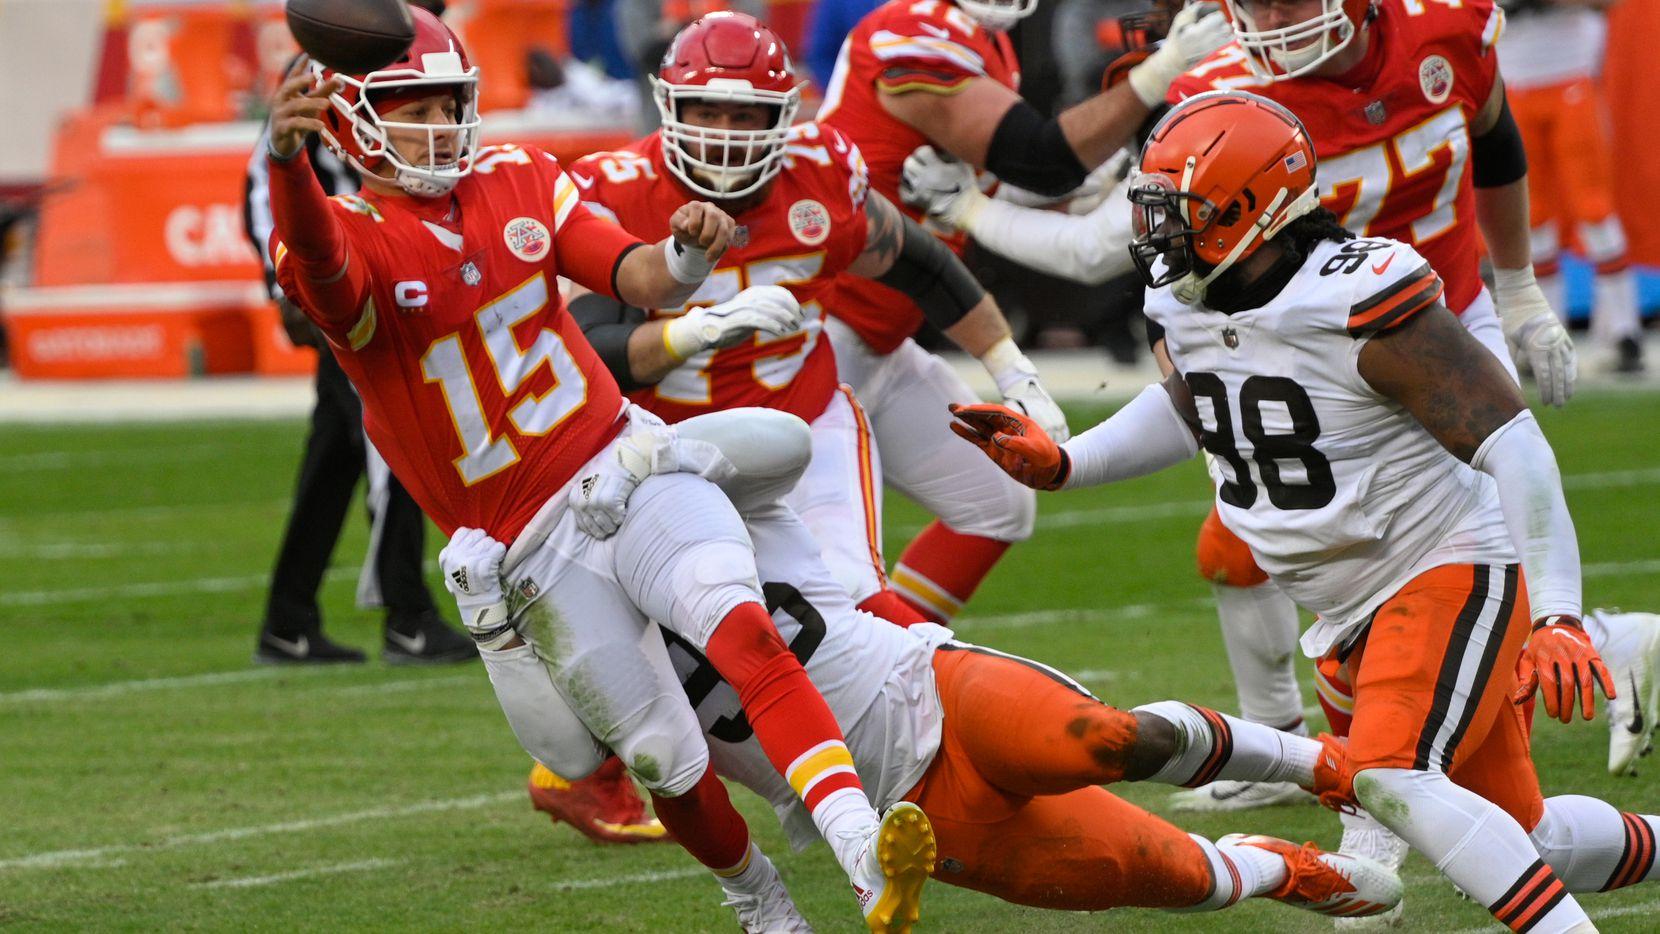 El mariscal de los Chiefs de Kansas City, Patrick Mahomes (15), lanza un pase en contra de los Browns de Cleveland, el 17 de enero de 2021 en Kansas City.